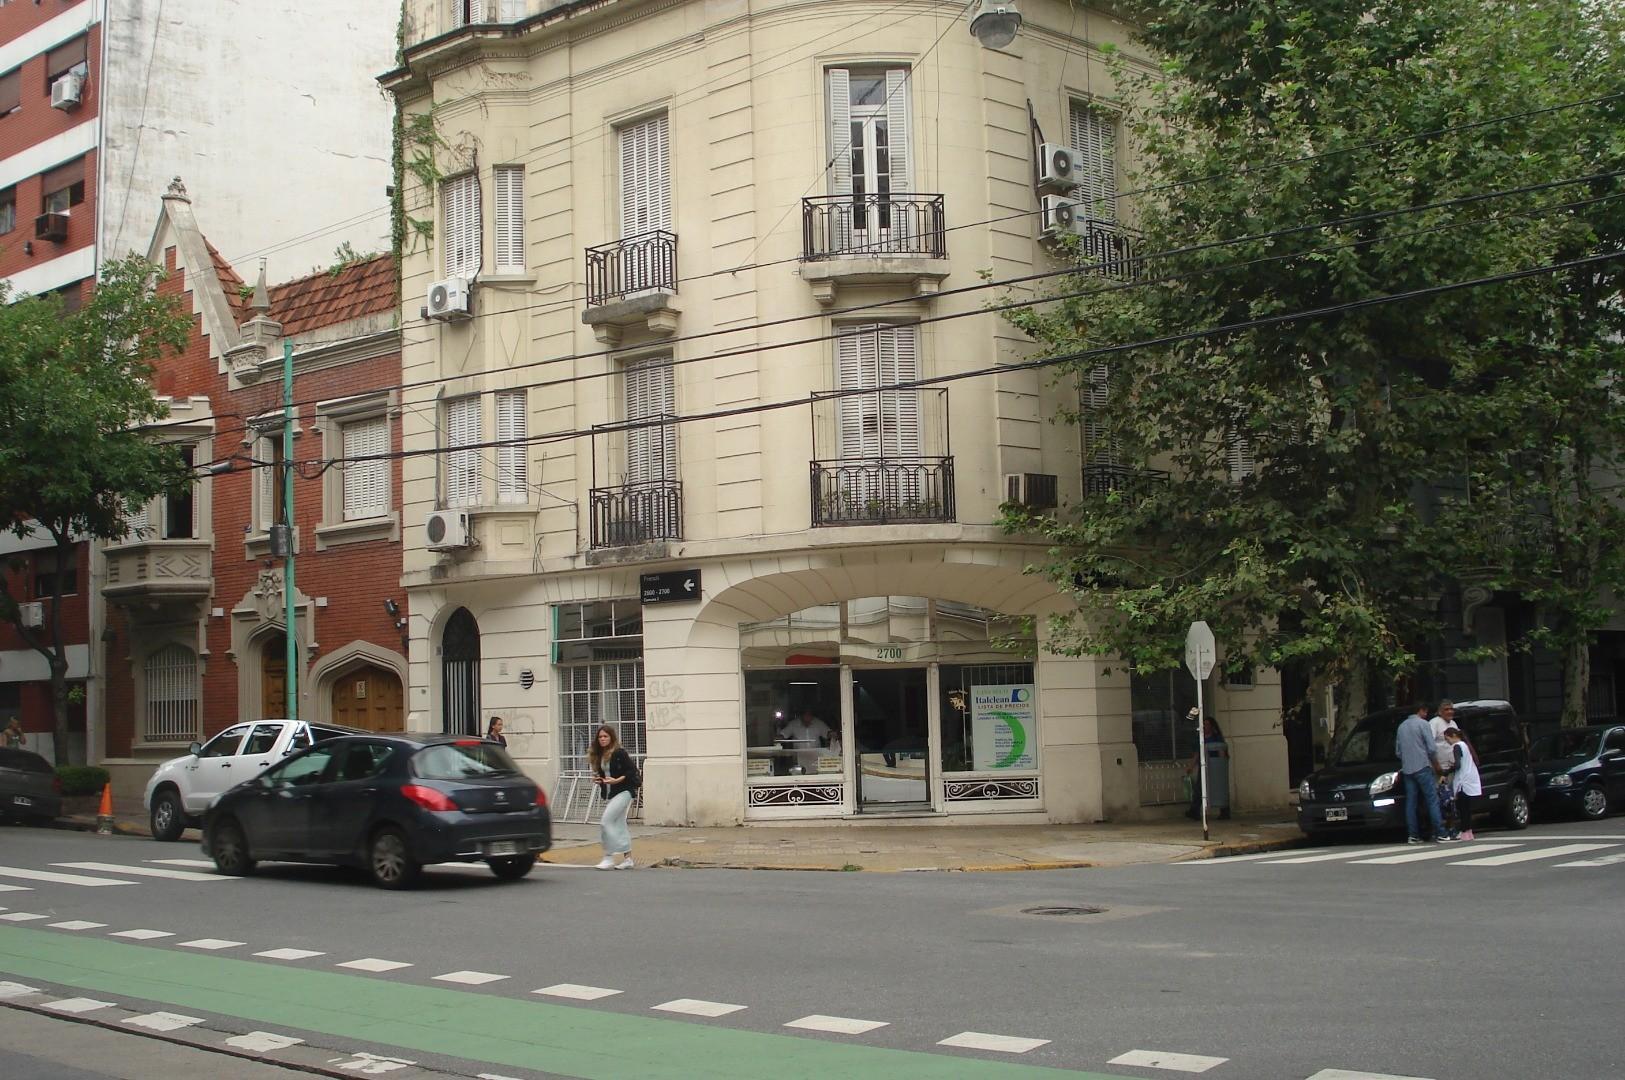 3 amb. c/dep. Sin expensas. 106 M2.  Ûnica esquina, 1º piso, entrada independ, estilo francés. Impec